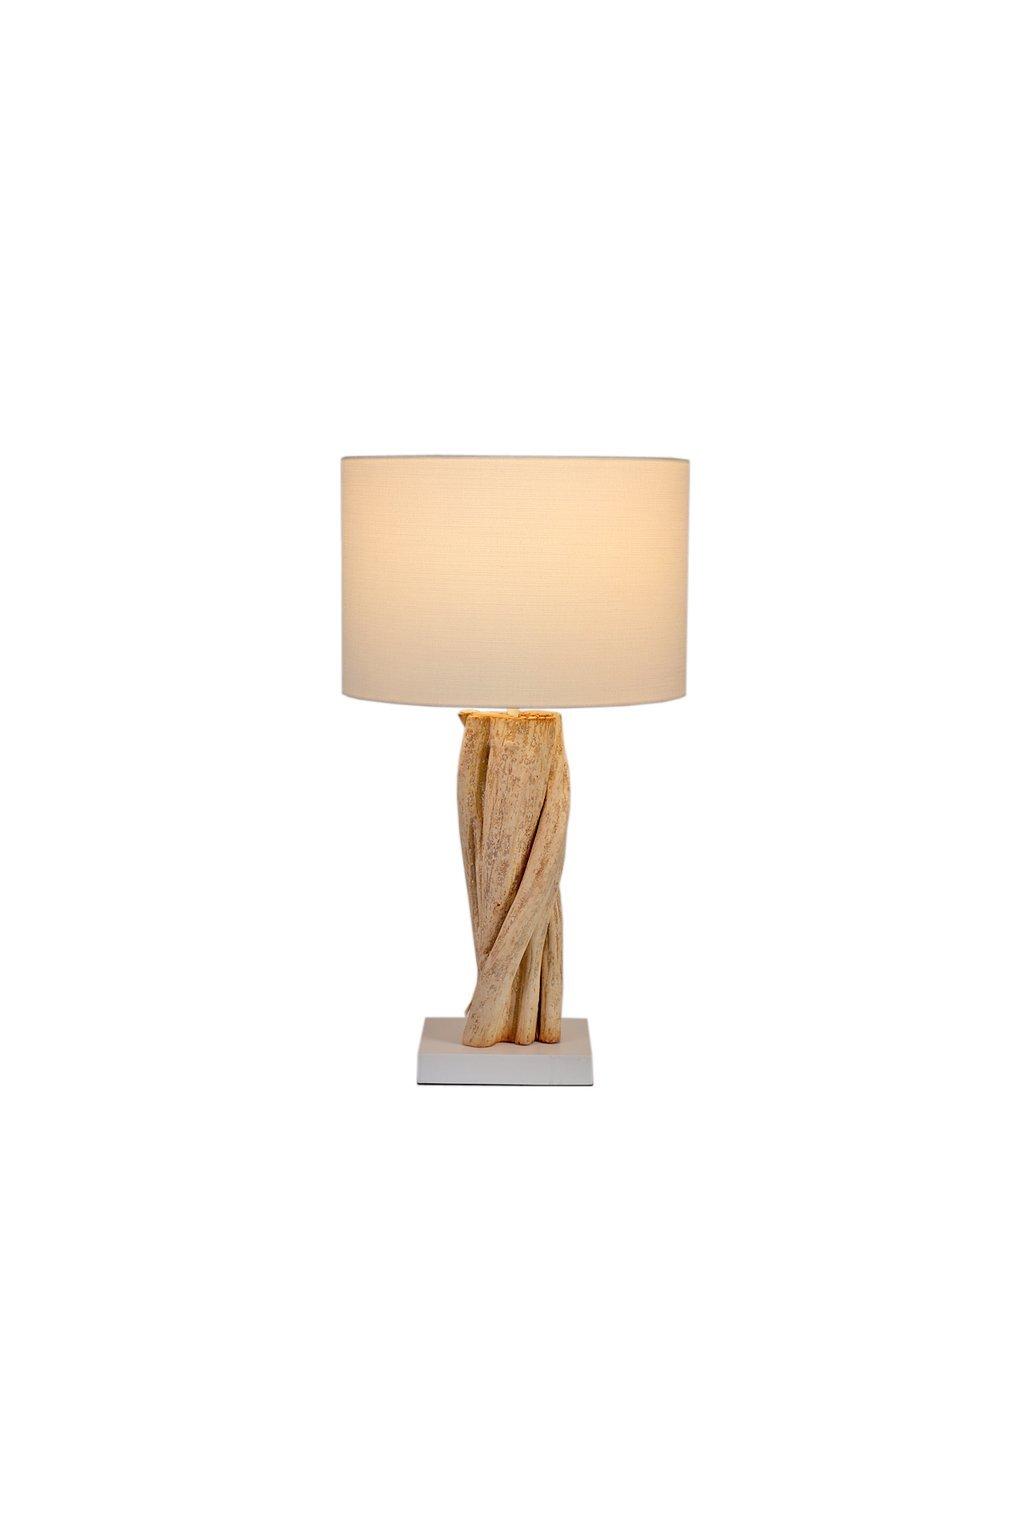 lamp ca 30 x 30 x 54 cm